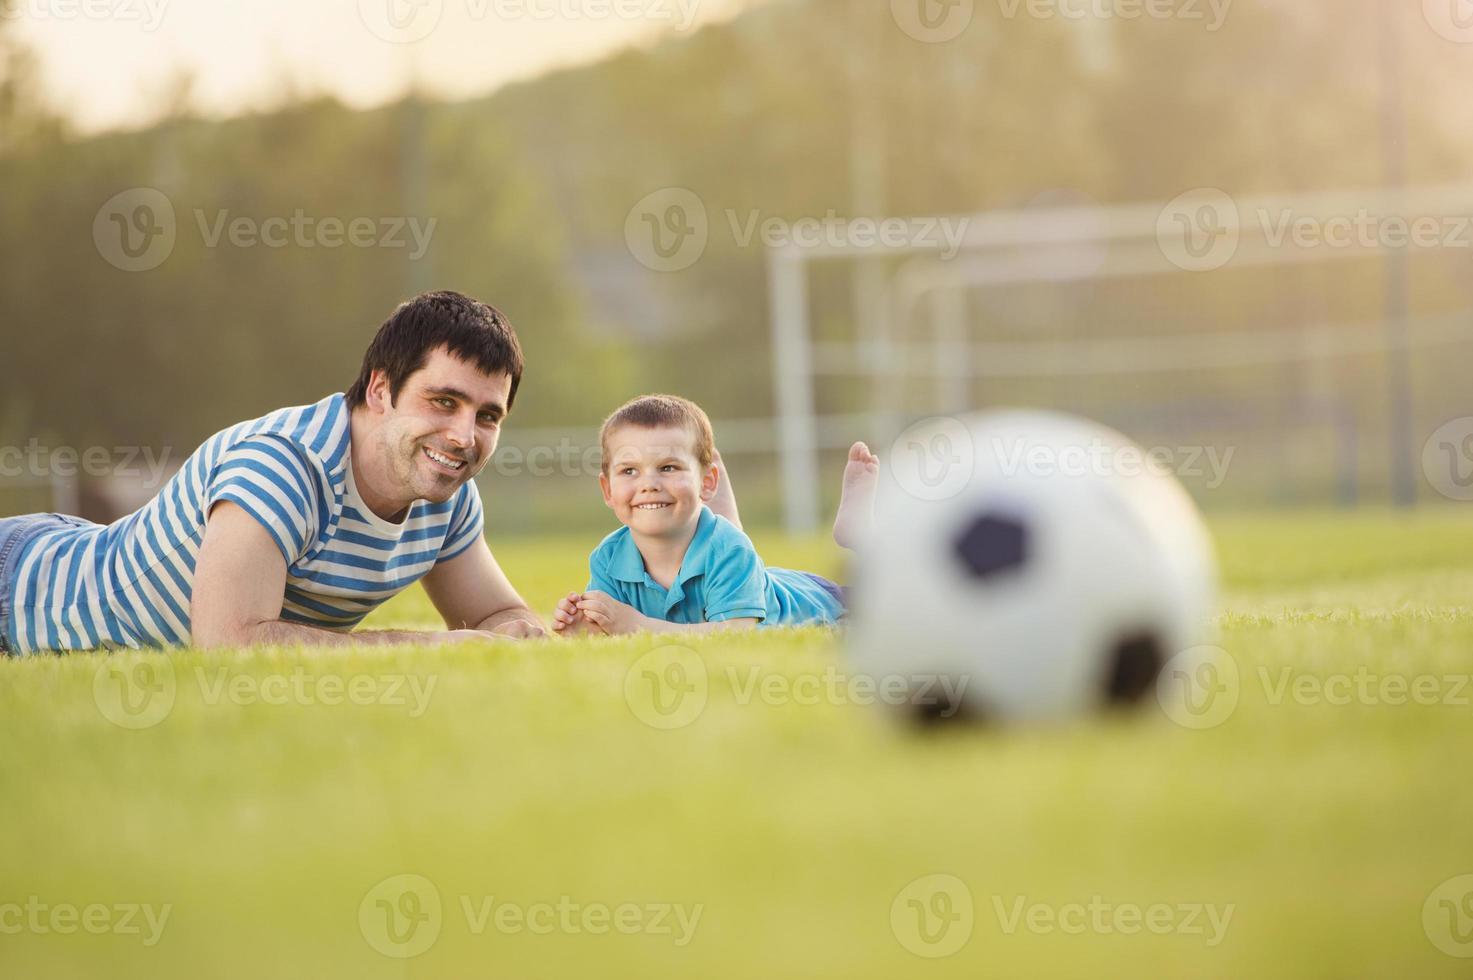 padre e hijo jugando al fútbol foto